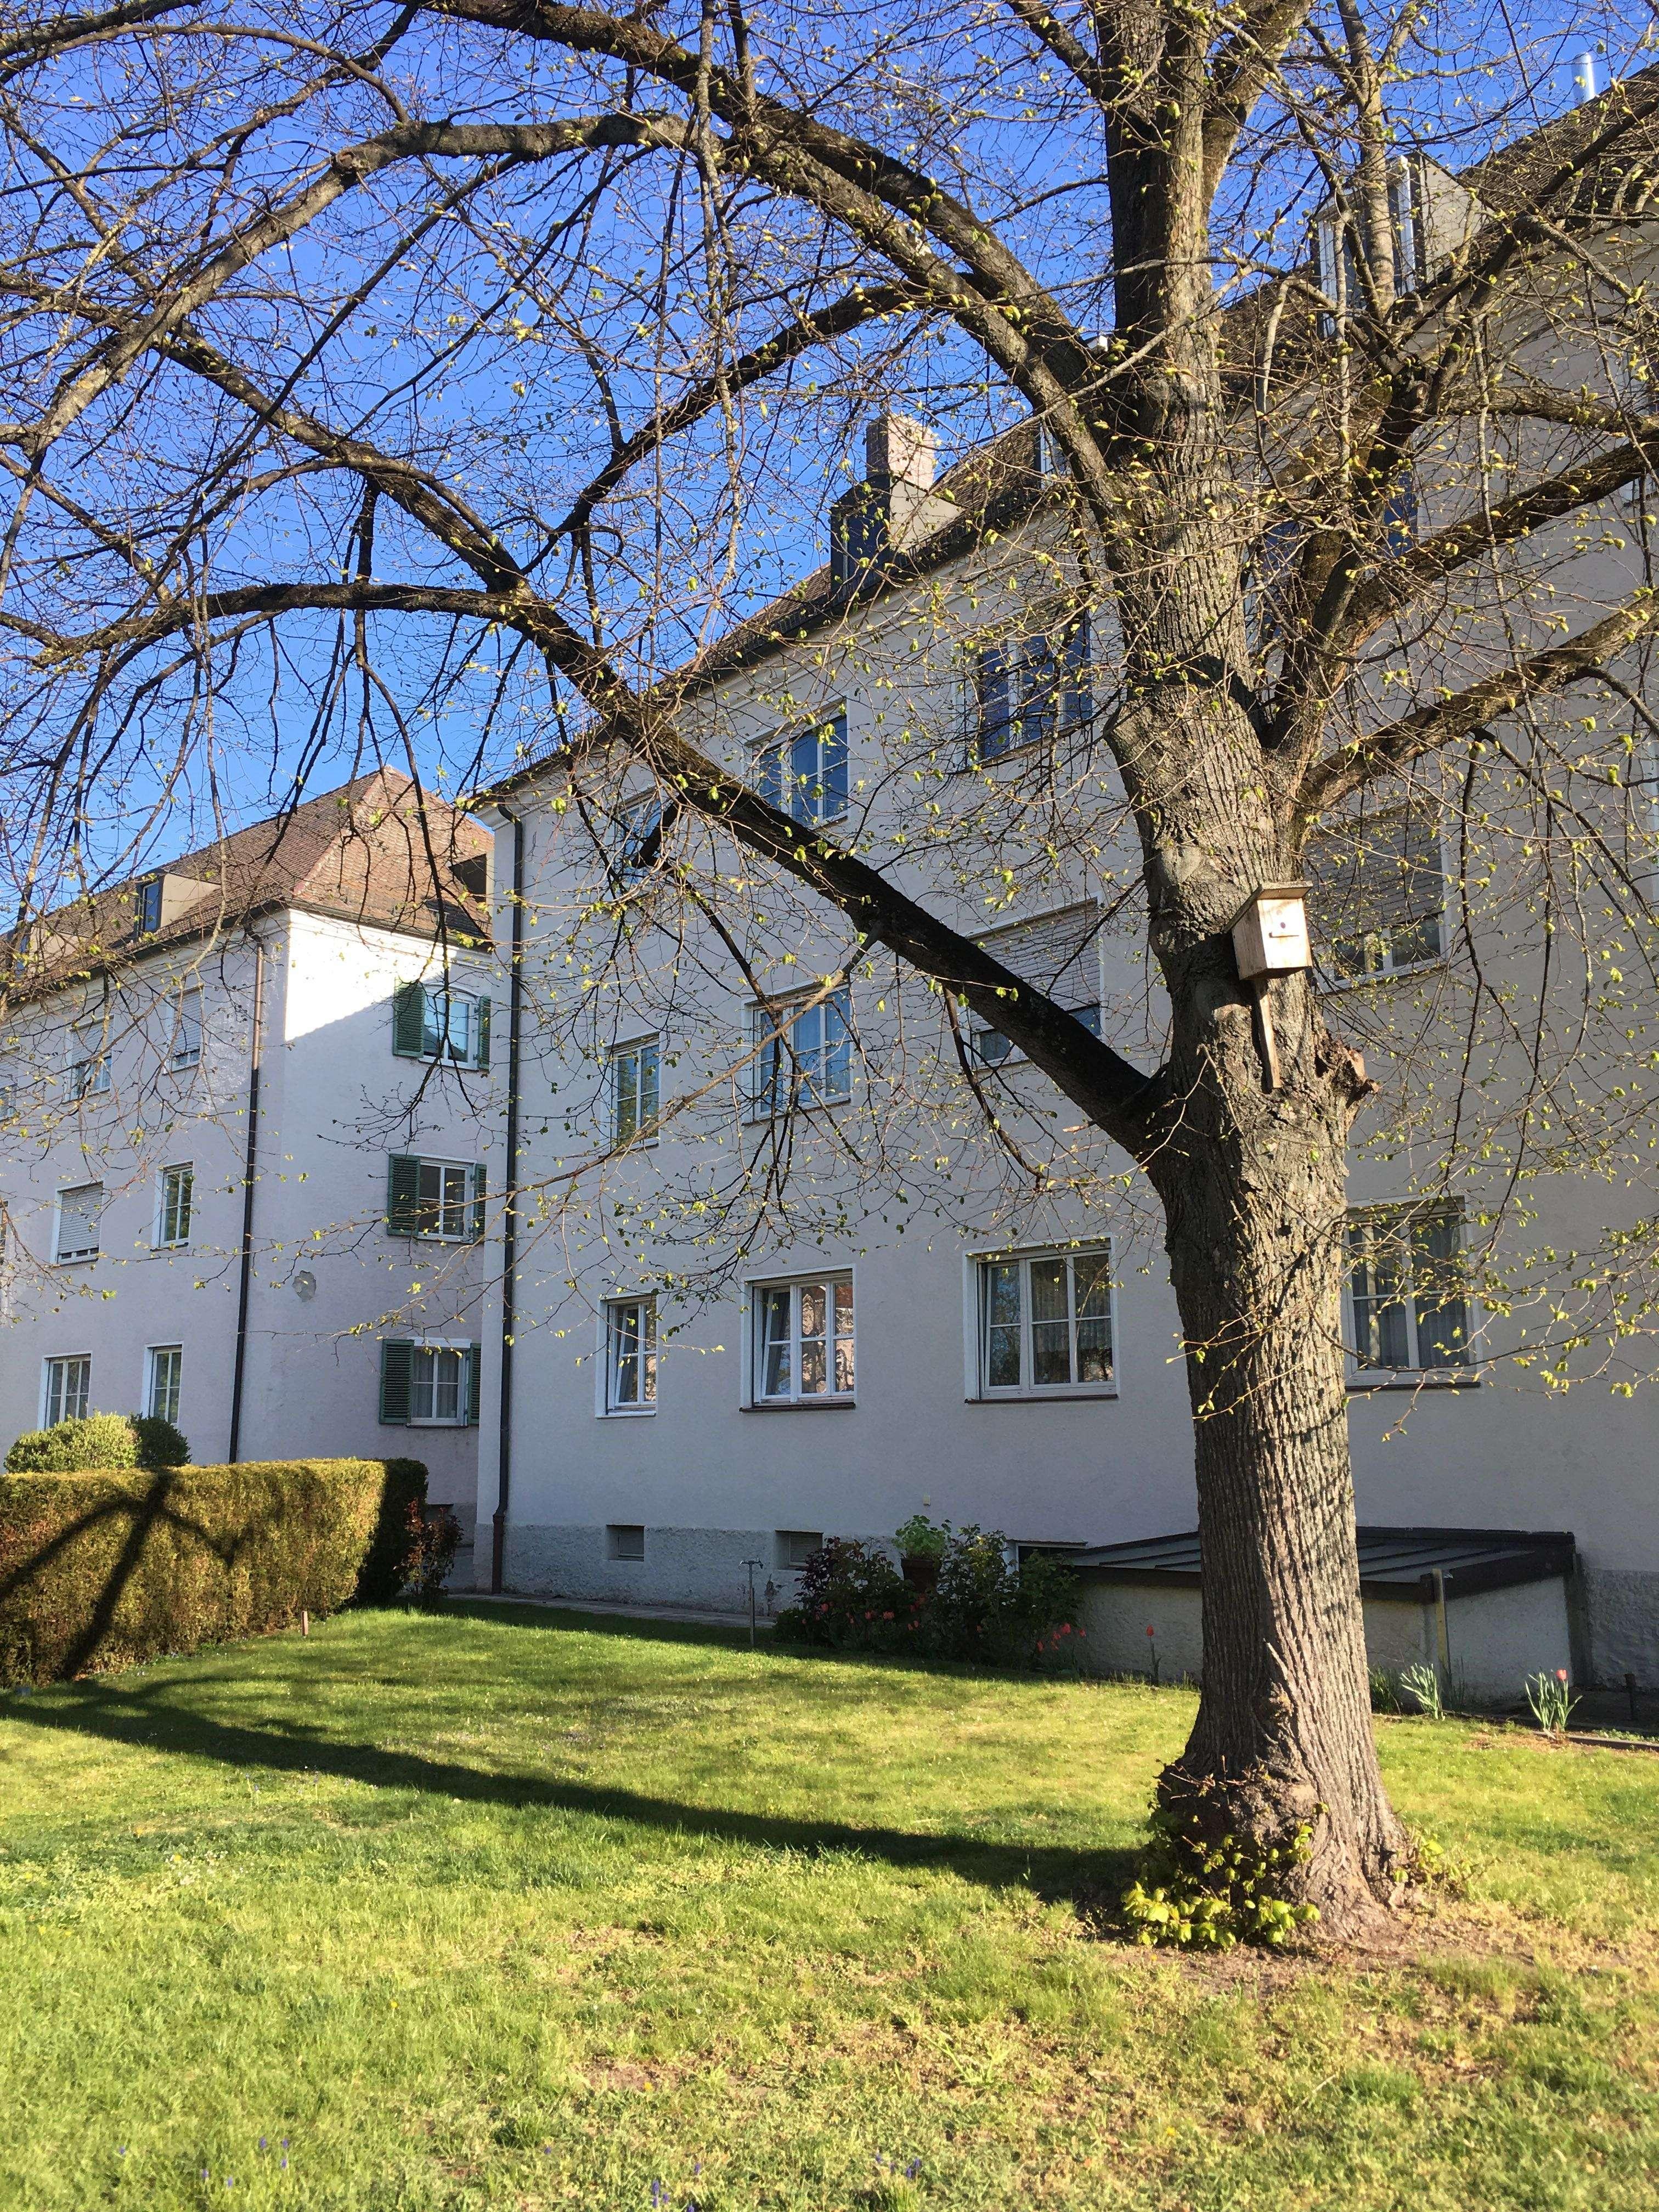 3 Zimmer - Wohnung mit Wohnküche in Regensburg - Ost in Ostenviertel (Regensburg)